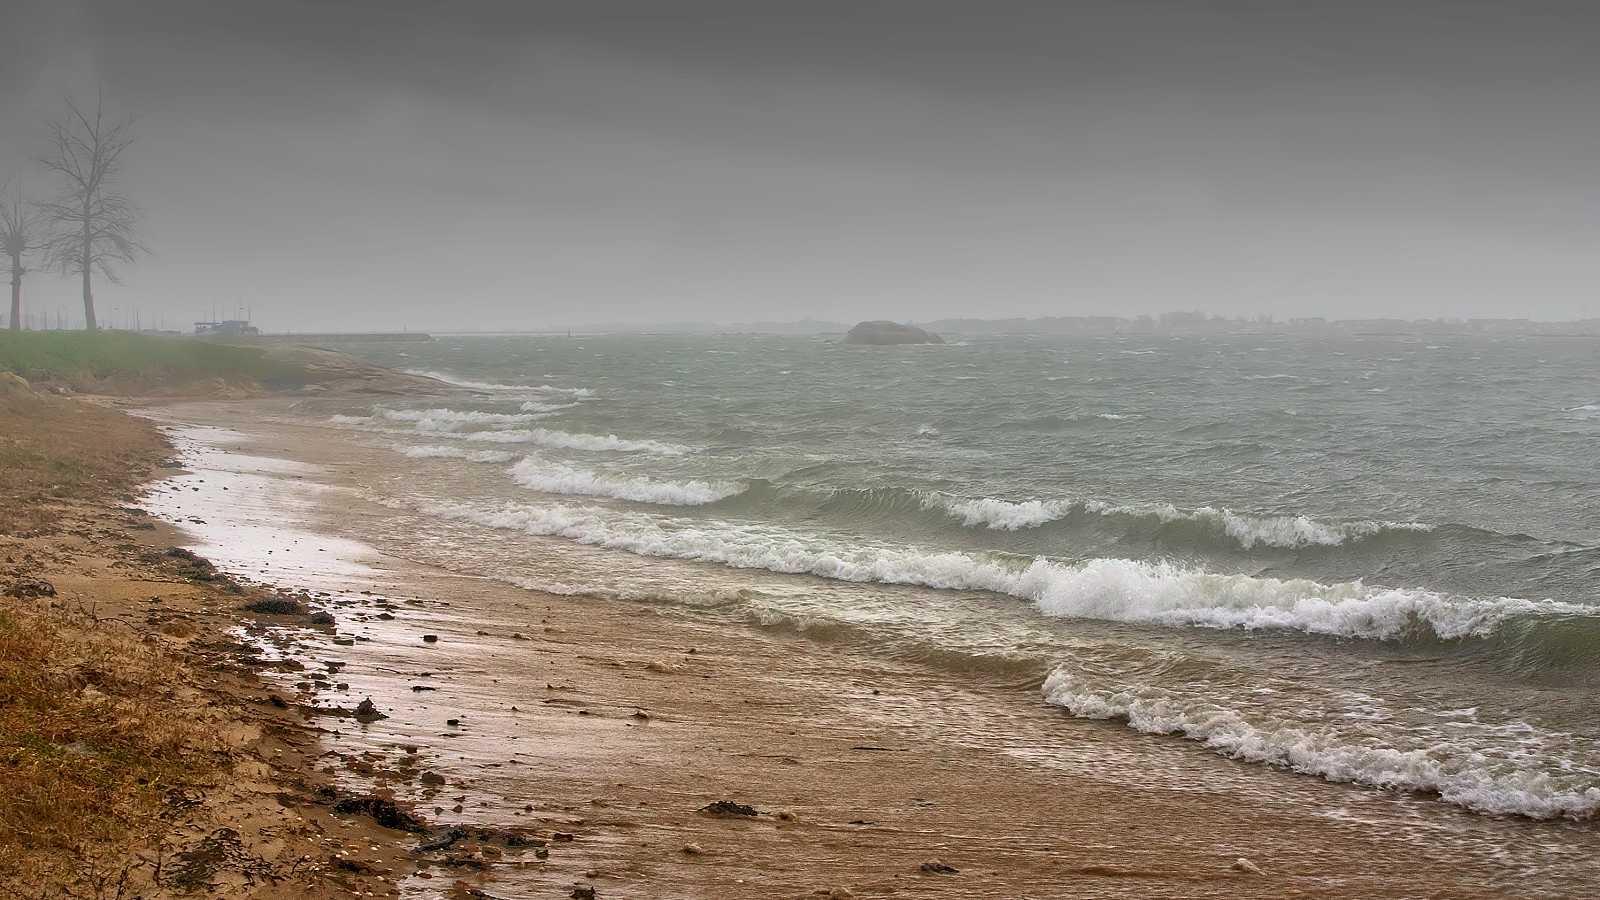 Precipitaciones fuertes en el oeste de Galicia - Ver ahora